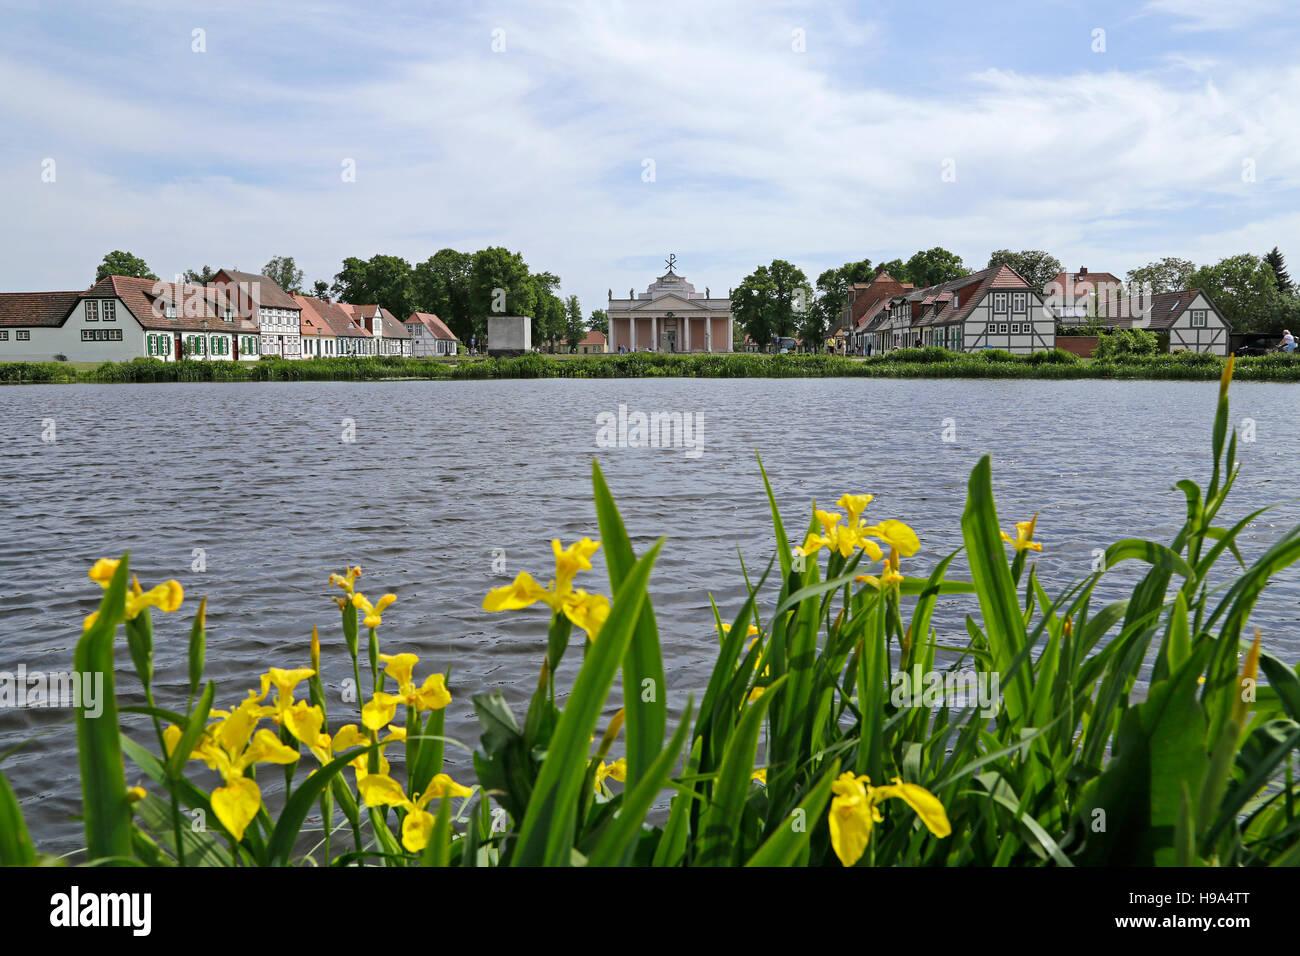 Am Bassin, Ludwigslust, Mecklenburg-West Pomerania, Germany - Stock Image